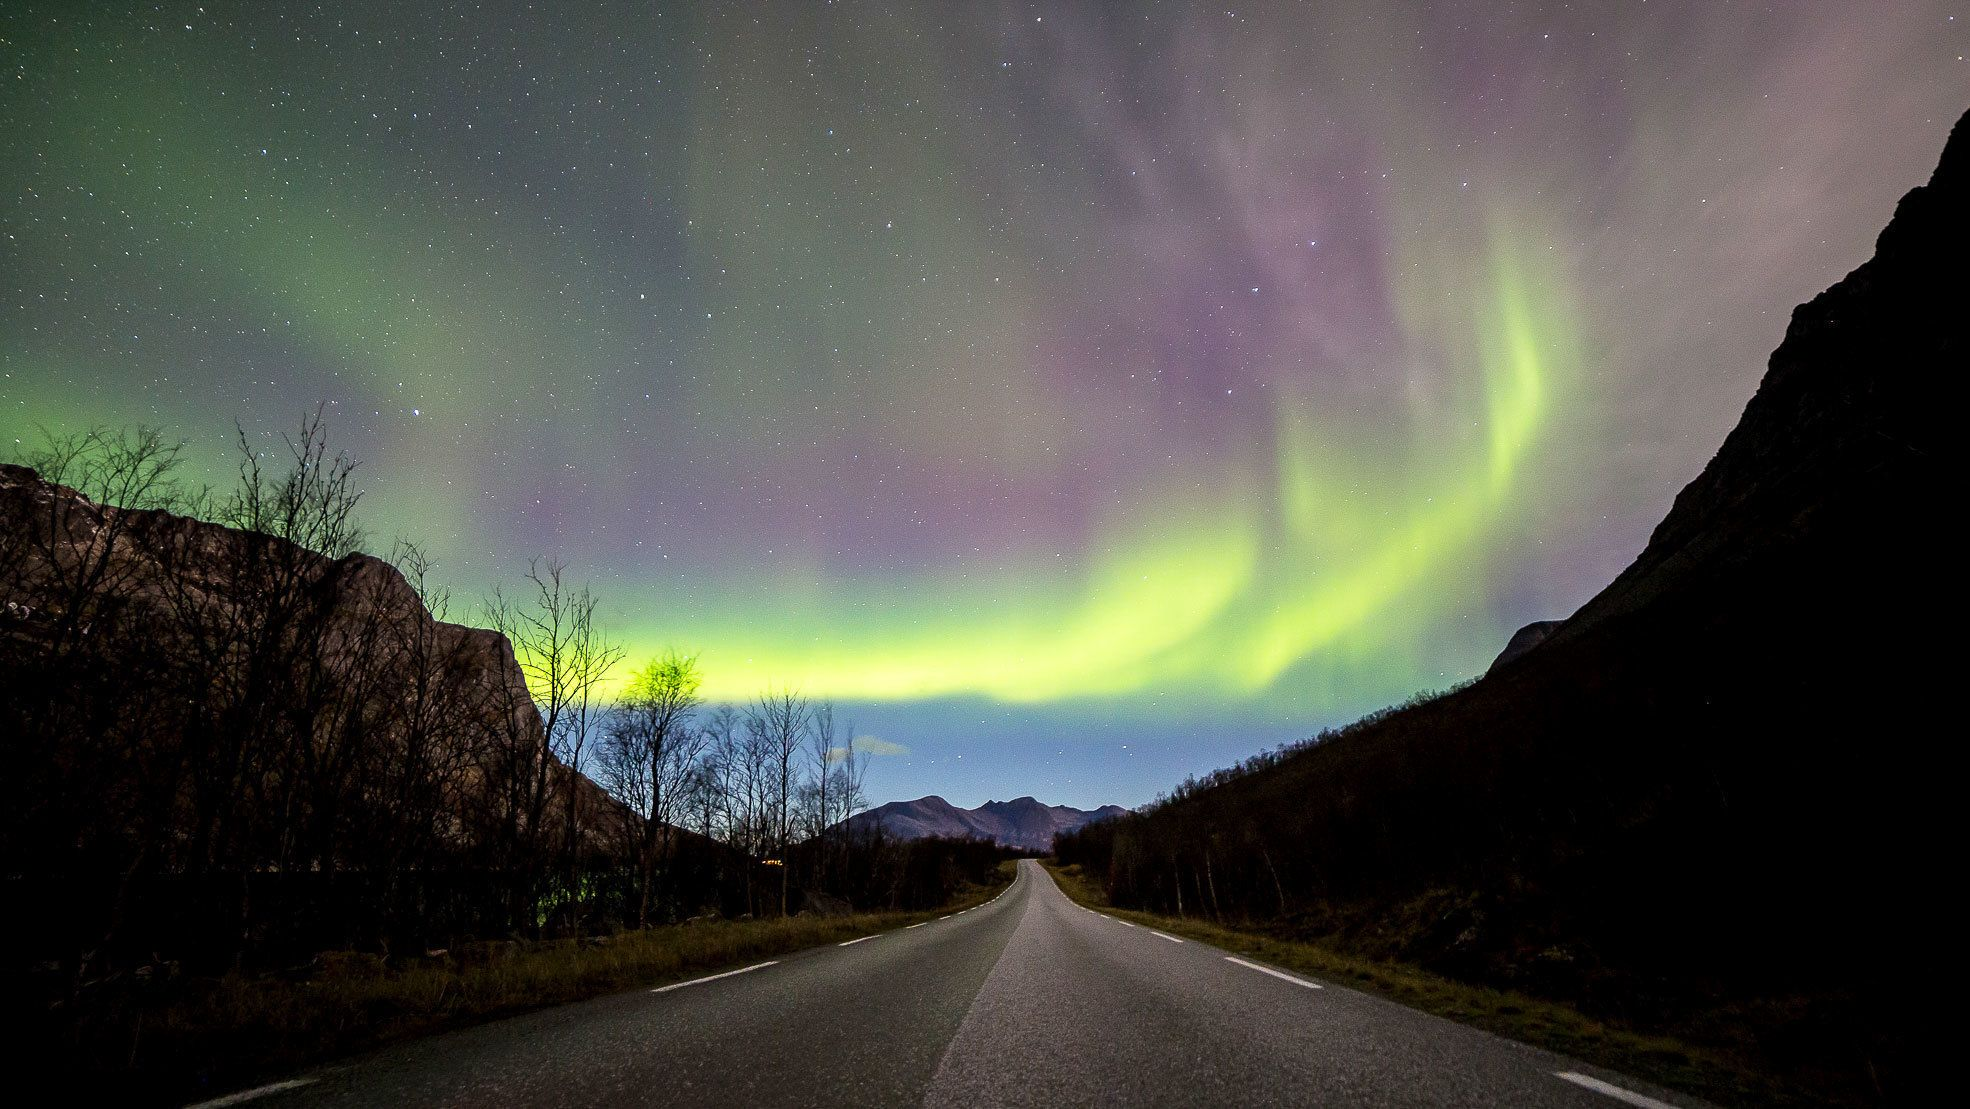 Aurora borealis over road in Tromso